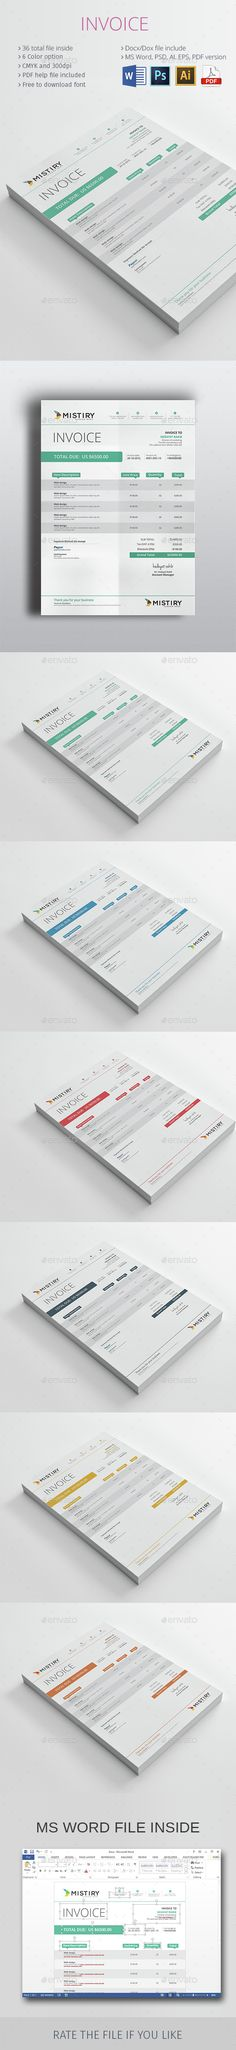 invoice template design - Recherche Google DEVIS Pinterest - product invoice